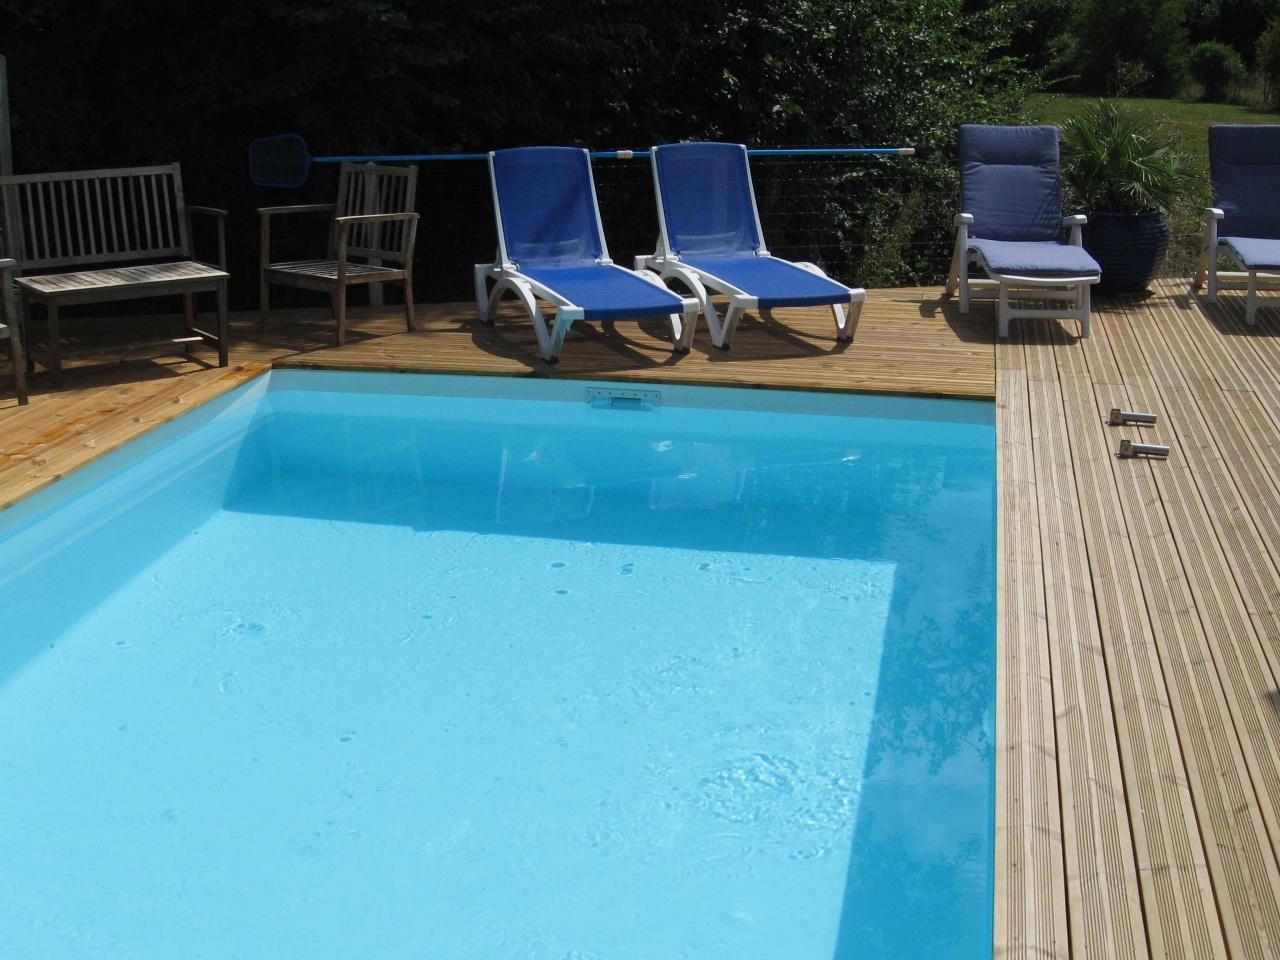 Piscine Bois Rectangulaire 5 00 Fabricant de piscines en